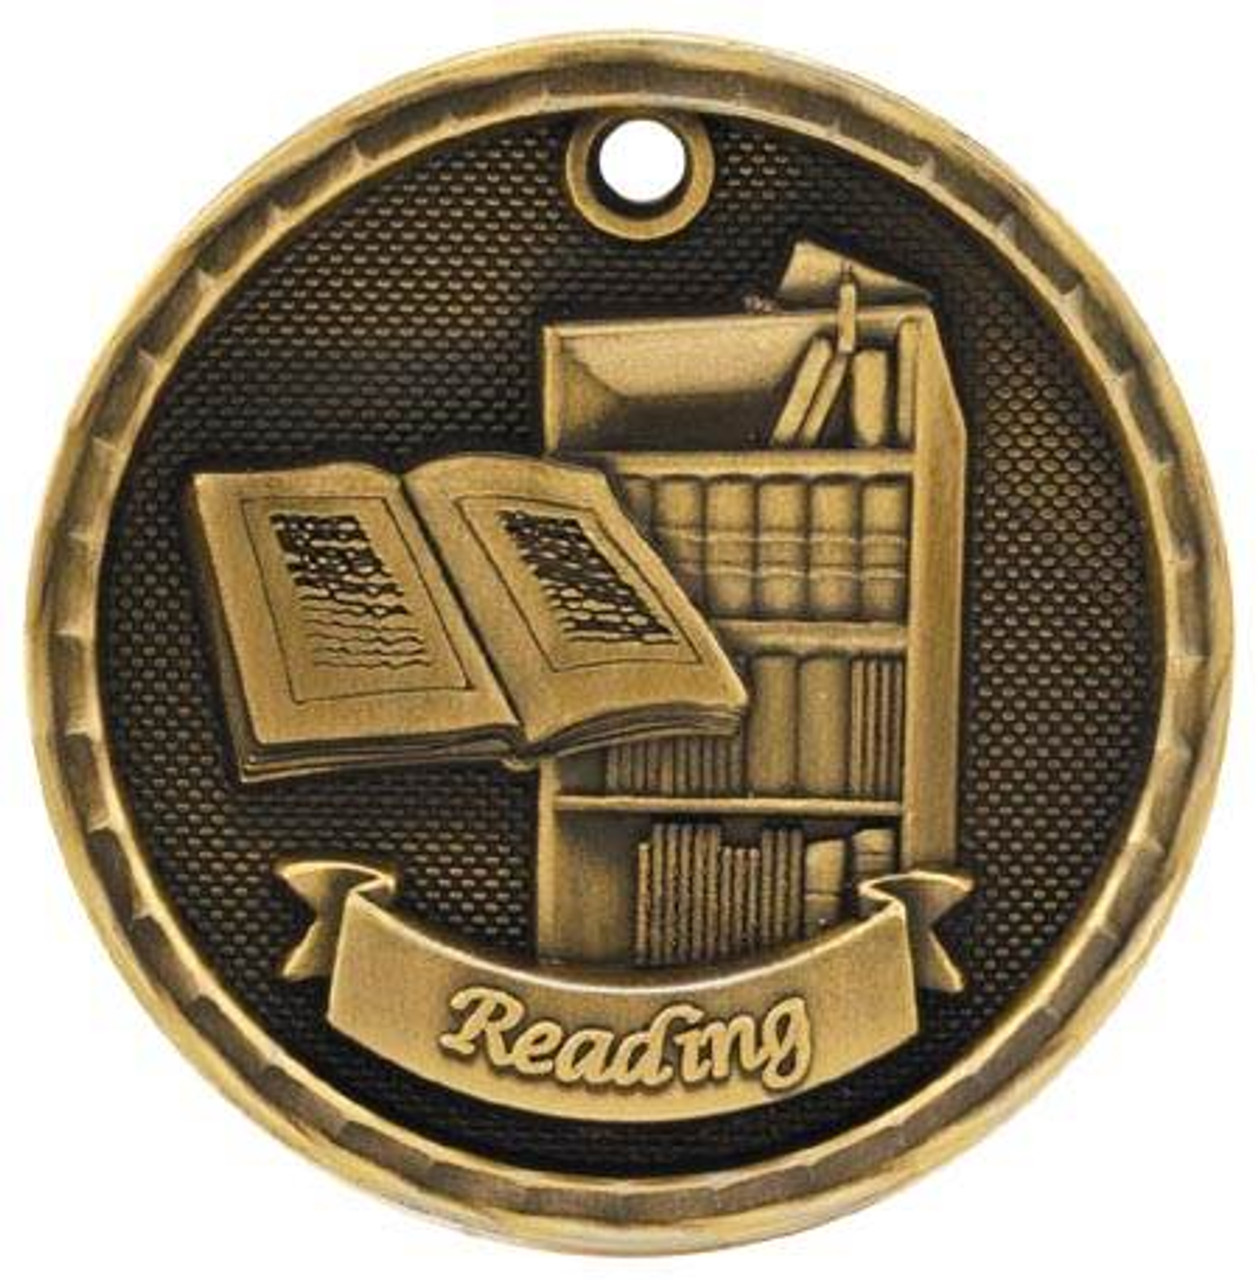 3D Reading Medal